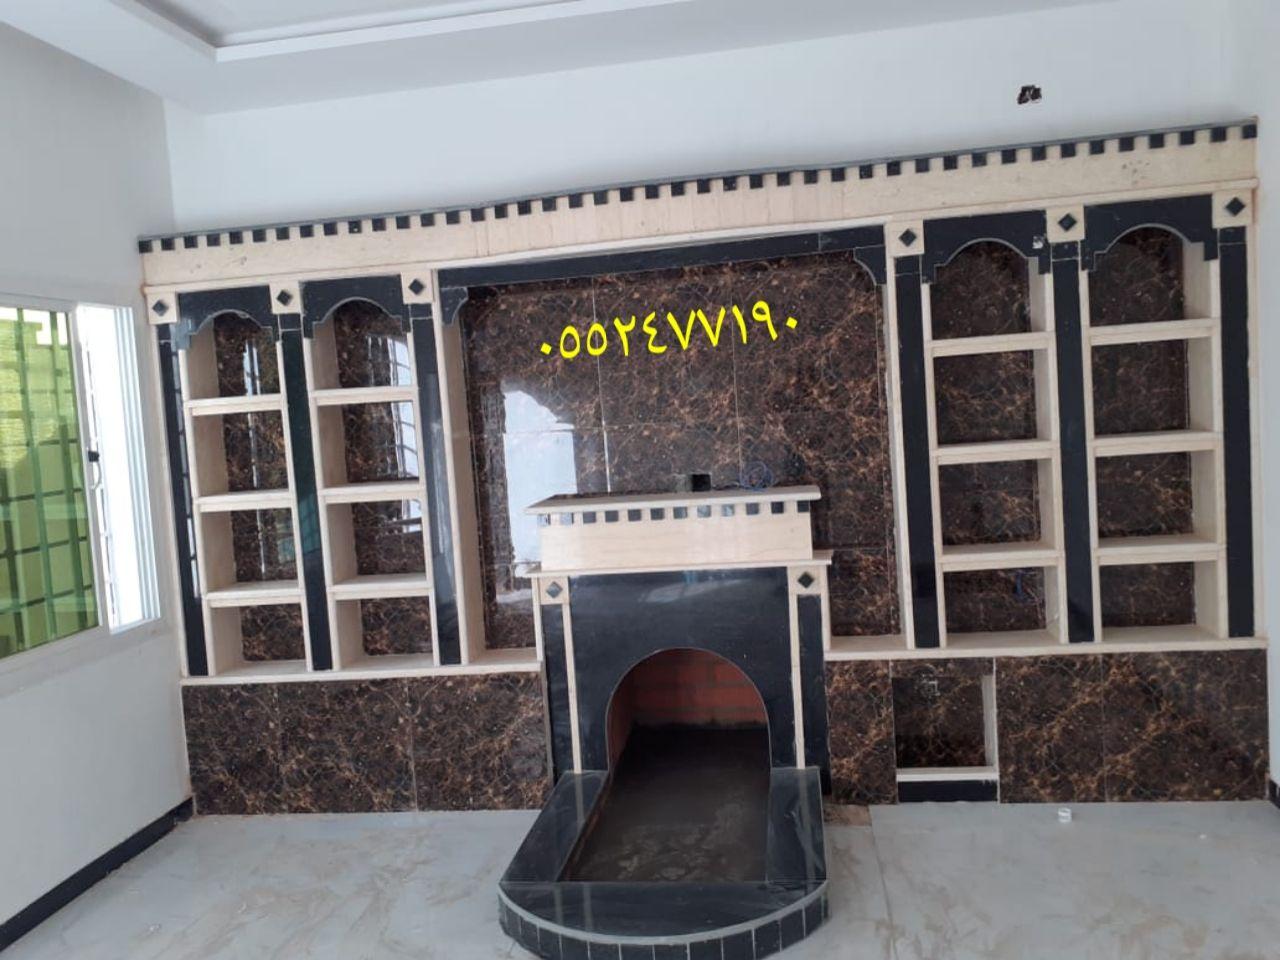 مشبات من الداخل مشبات مجالس مشبات ملكيه فخمه موديلات مشبات Home Decor Decor Fireplace